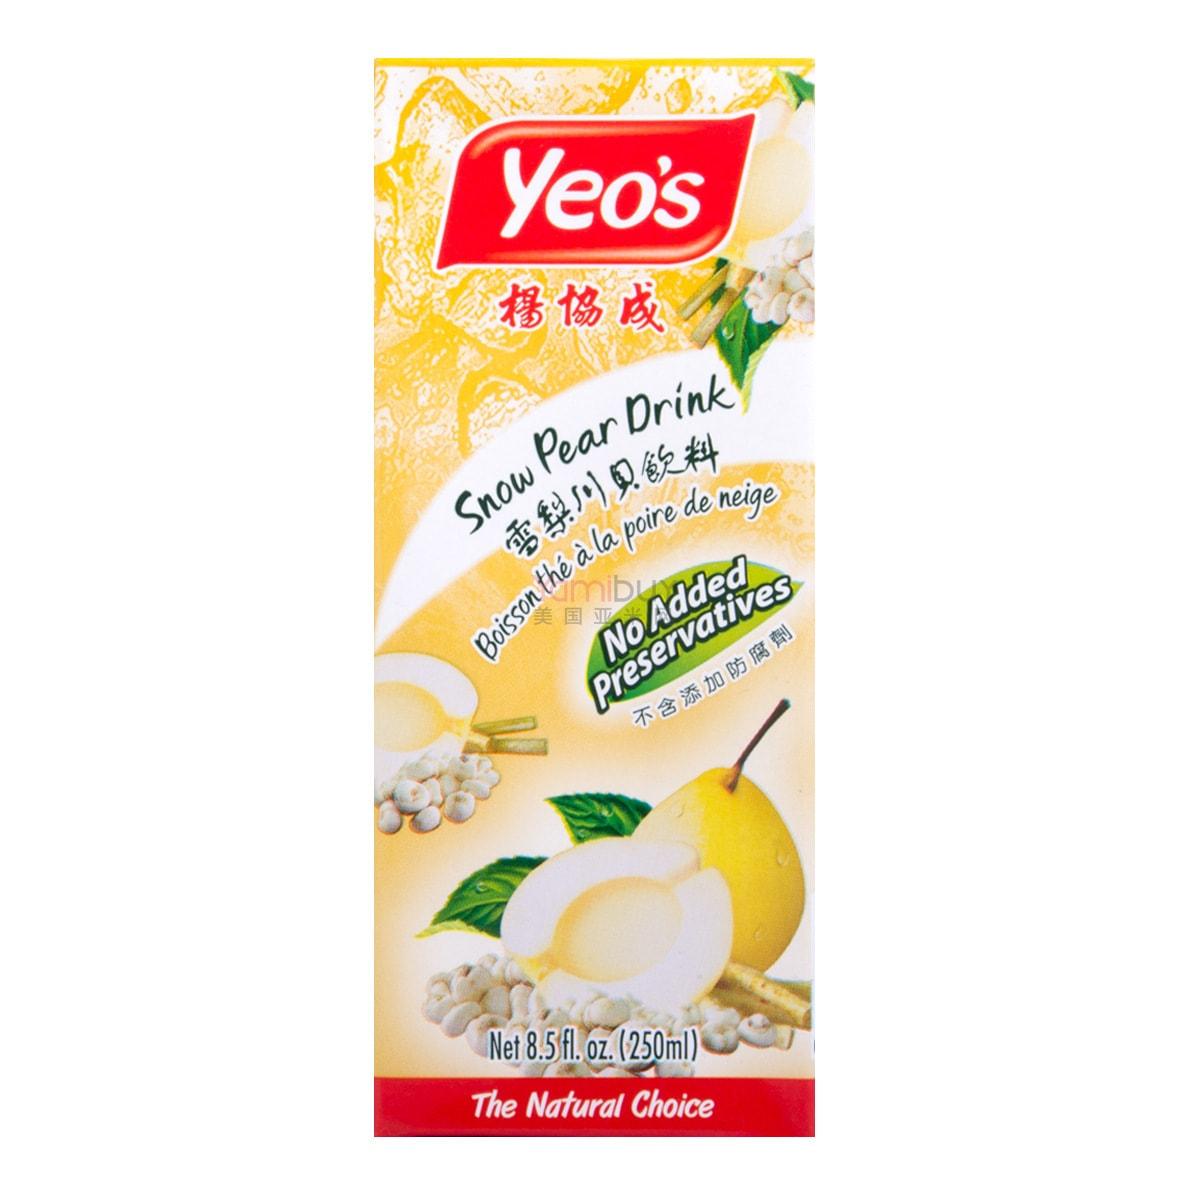 新加坡YEO'S杨协成 无添加雪梨川贝饮料 250ml